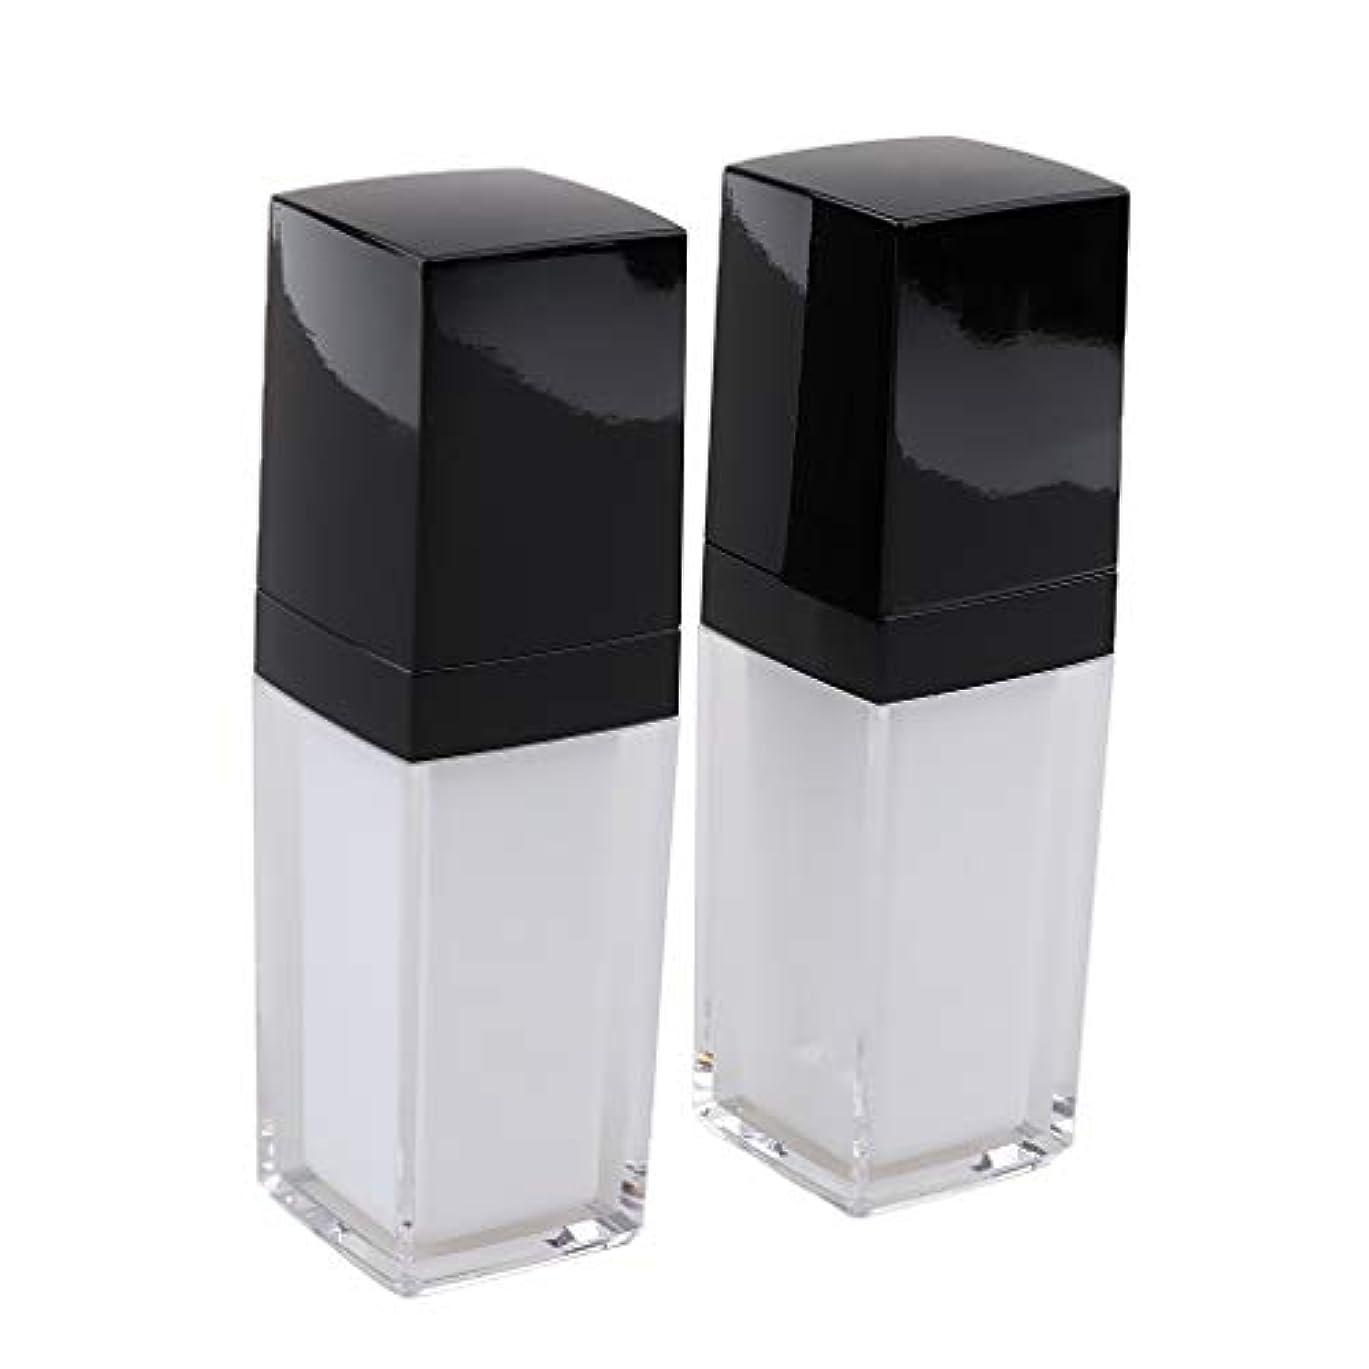 靴パイプライン親密な2個入り シャンプーボトル 空 スプレーボトル ローション容器 ポンプボトル 全2サイズ - 30ミリリットル